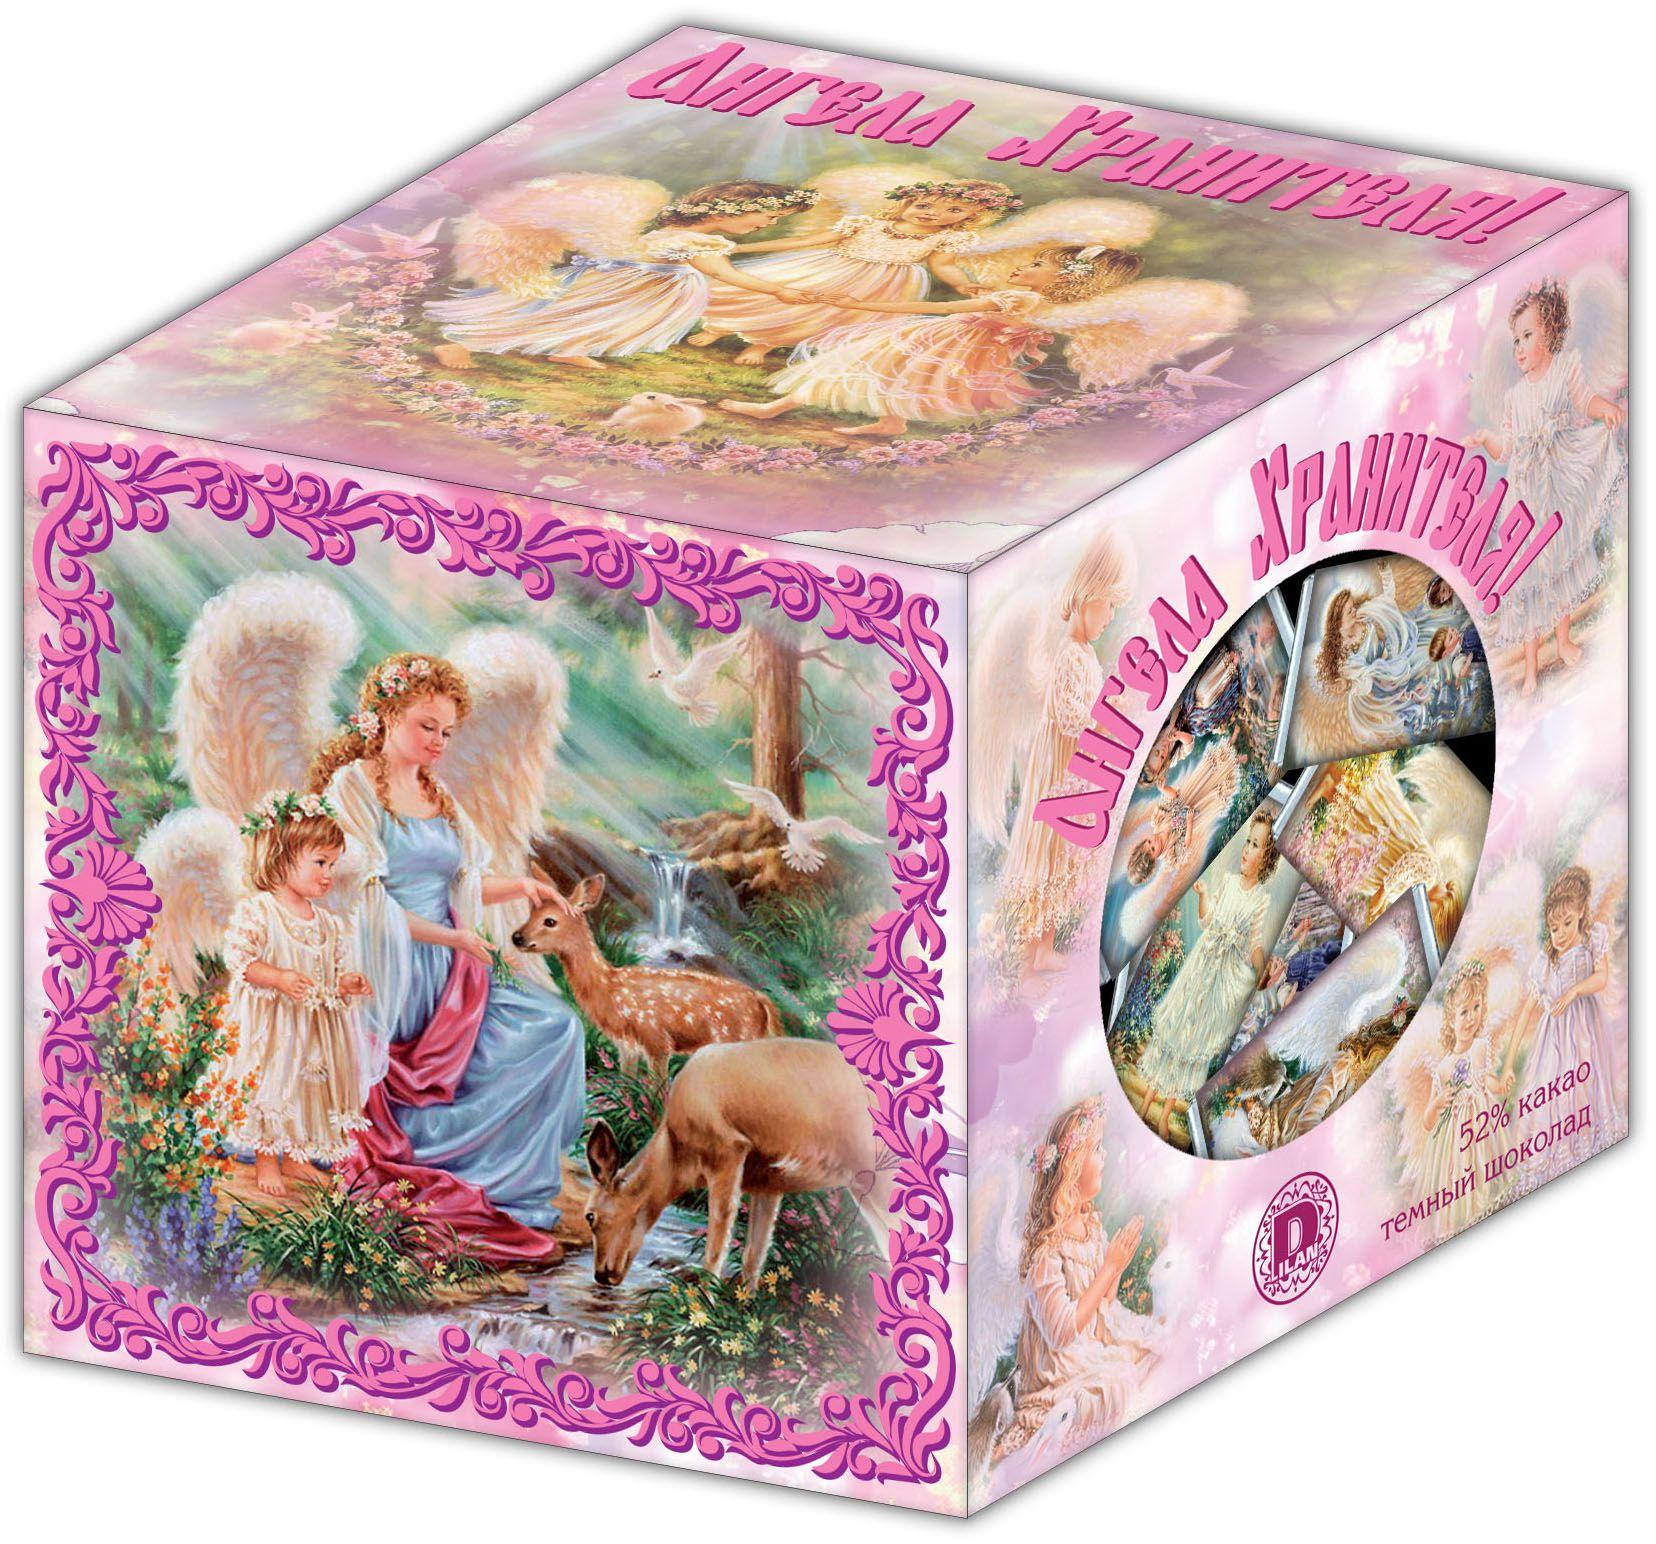 Дилан+ Шоколадный набор кубик Ангела Хранителя, 30 шт по 5 г дилан шоколадный набор матрешка 25 шт по 5 г